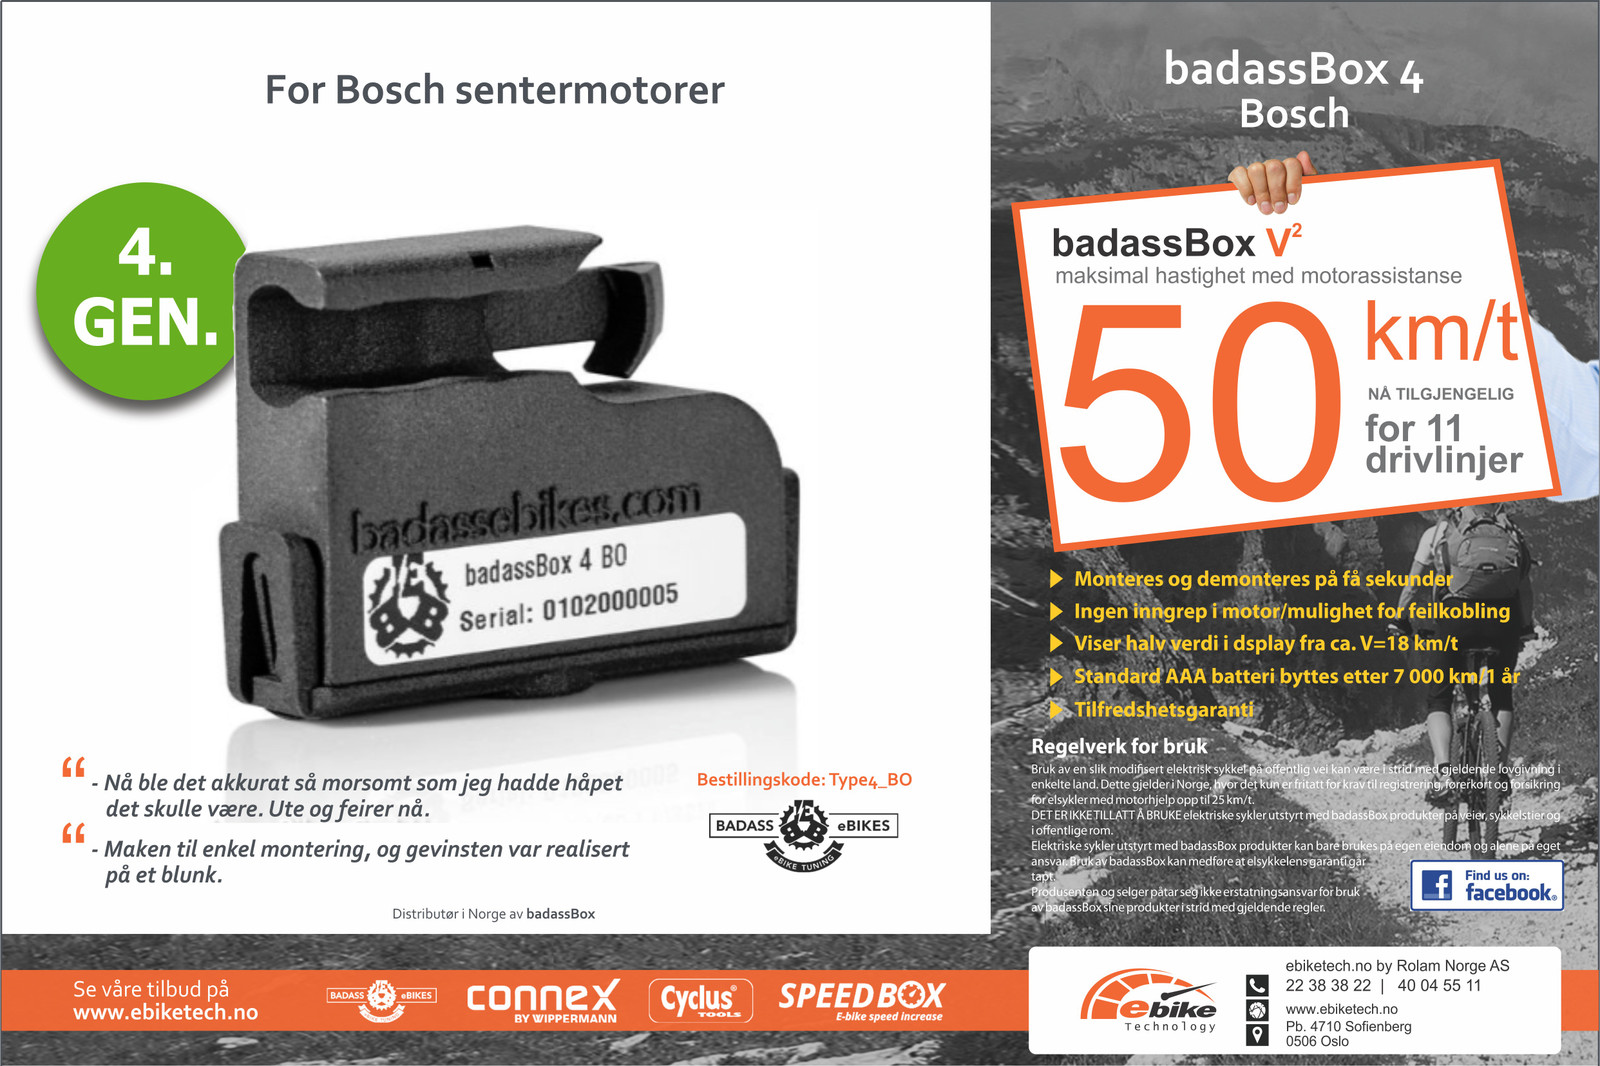 afaef3bc badassBox 4 Bosch passer alle elektriske sykler levert med Bosch drivlinje  (unntatt Performance CX i 45 km/t utførelse). (1/15)